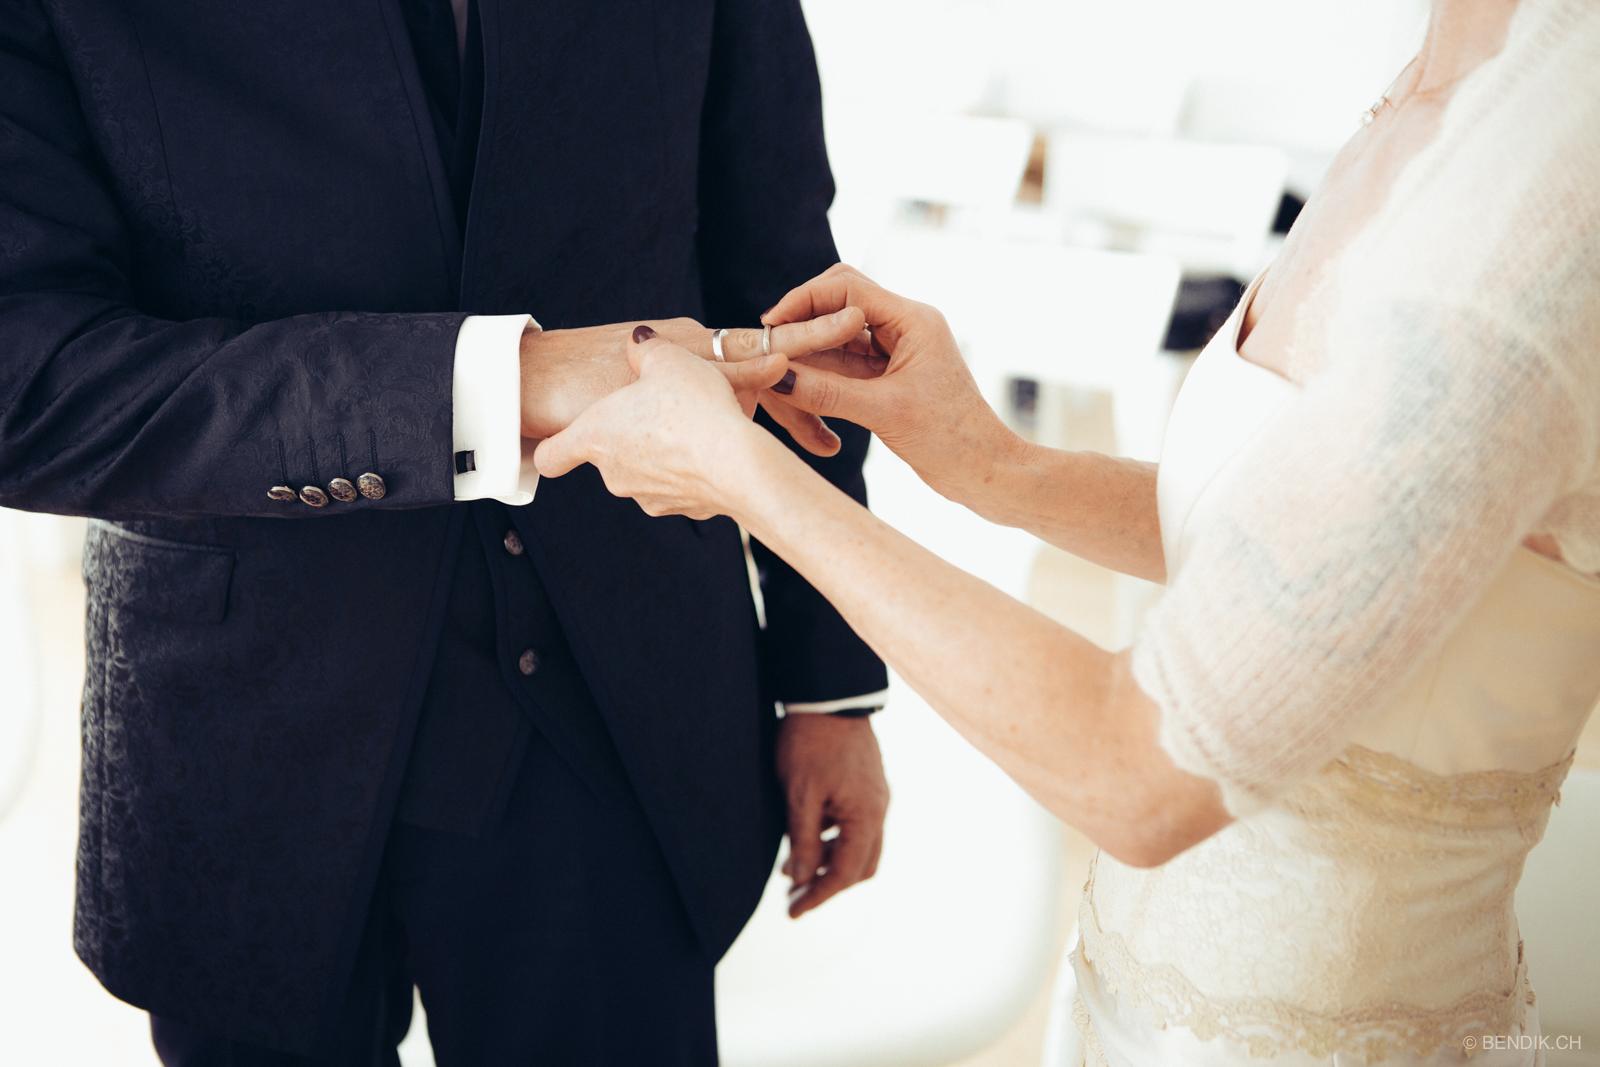 Braut steckt Bräutigam Trauring an